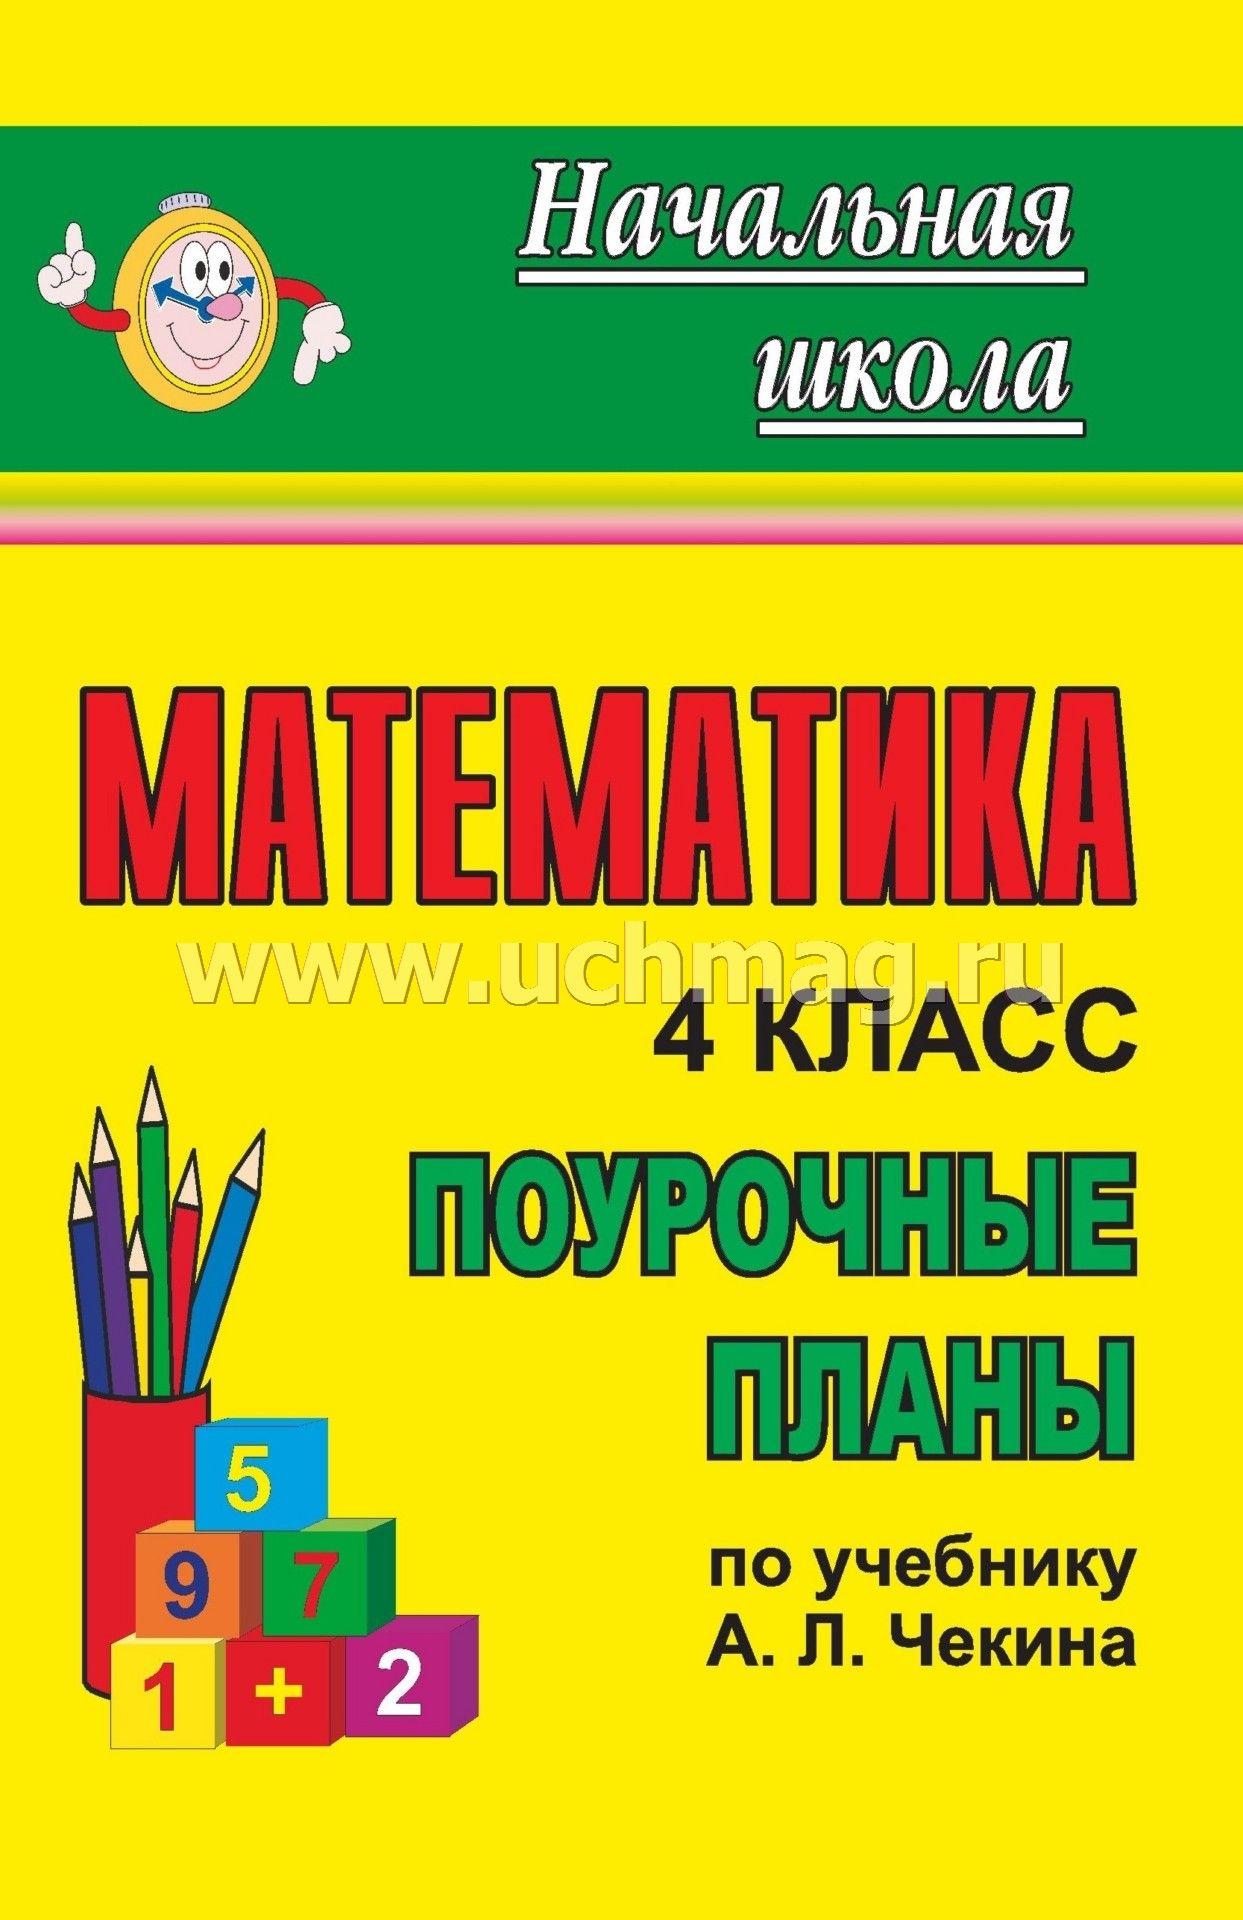 гдз по алгебре за 2 класс чекин под редакцией р.г.чураковой